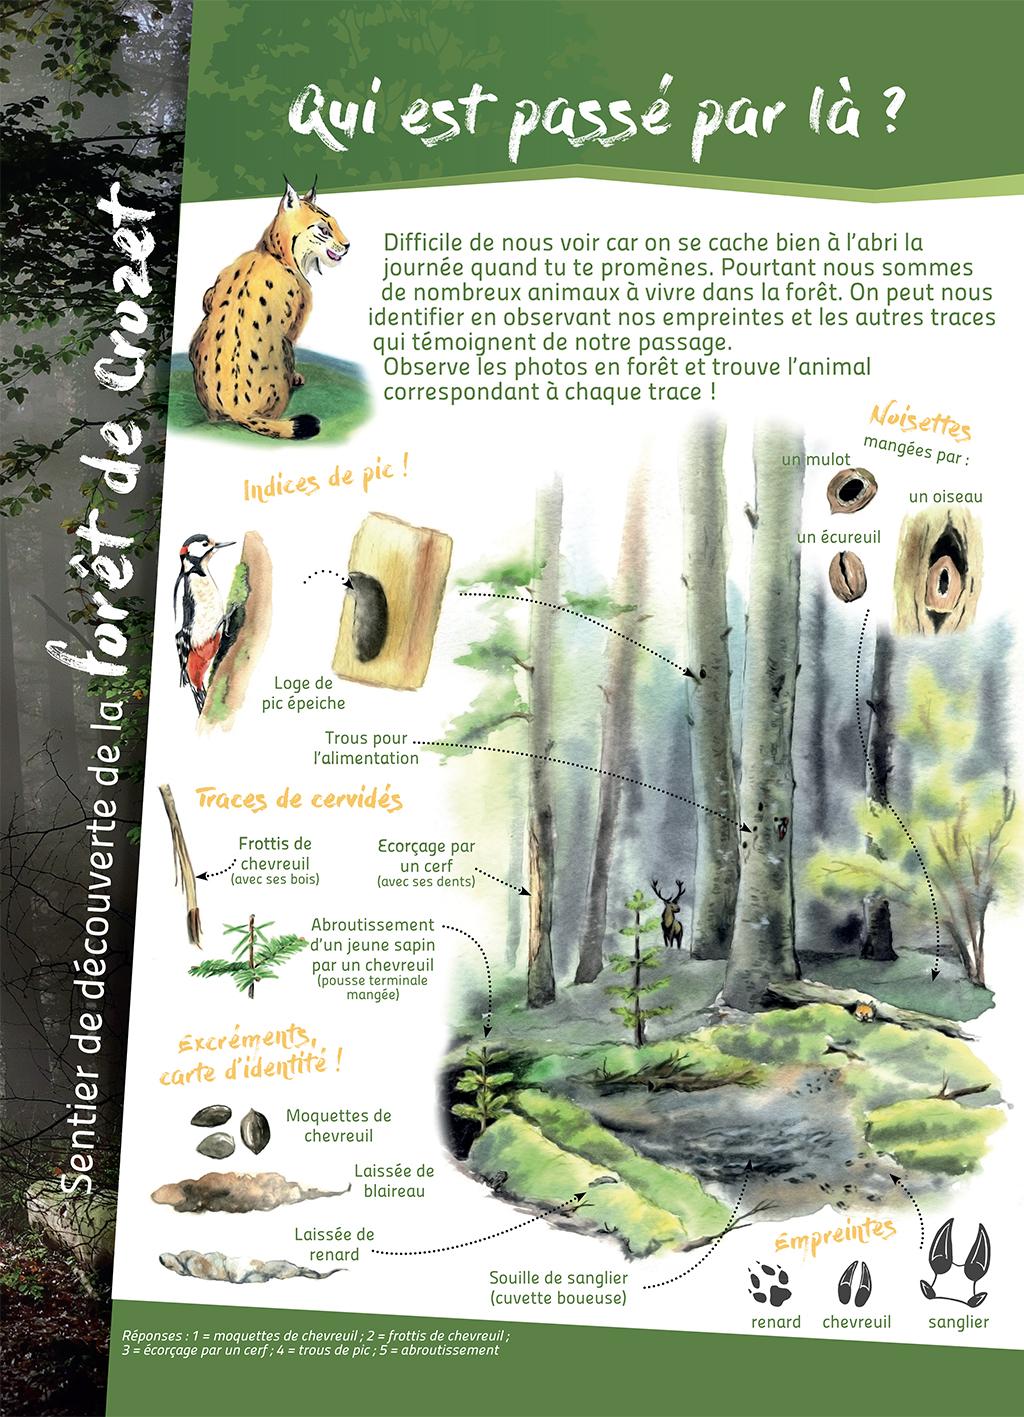 panneau, pédagogique, traces d'animaux, forêt, nature, illustration